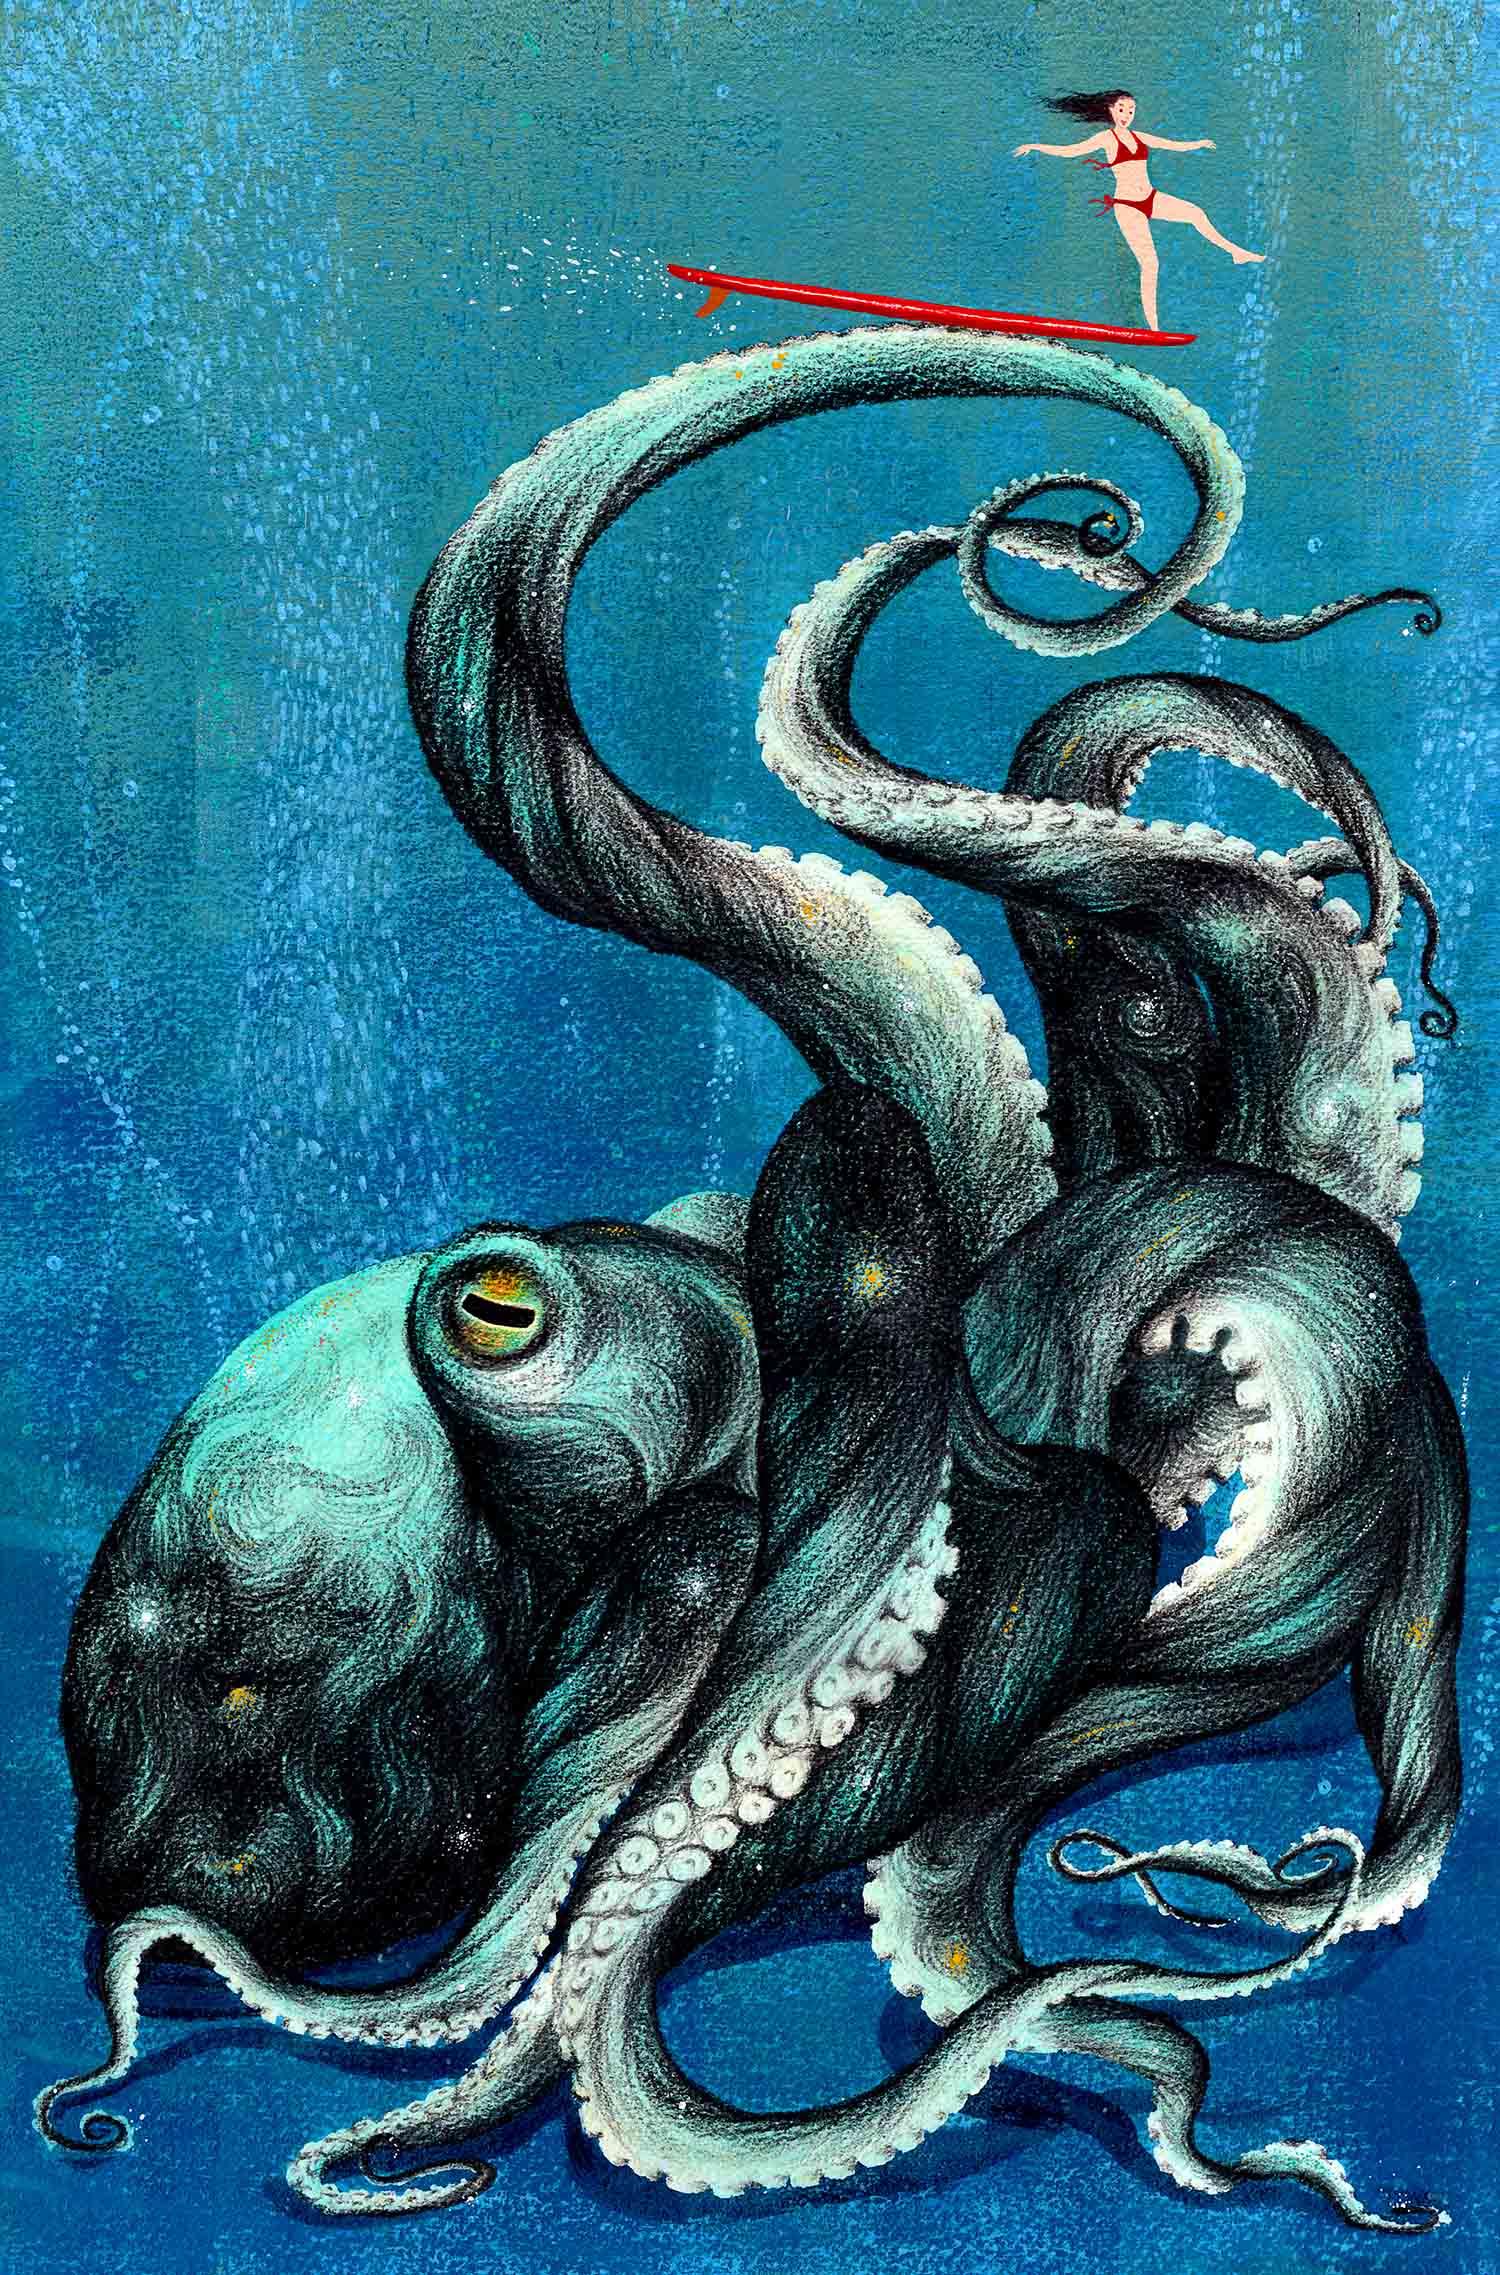 surf-on-kraken-web.jpg